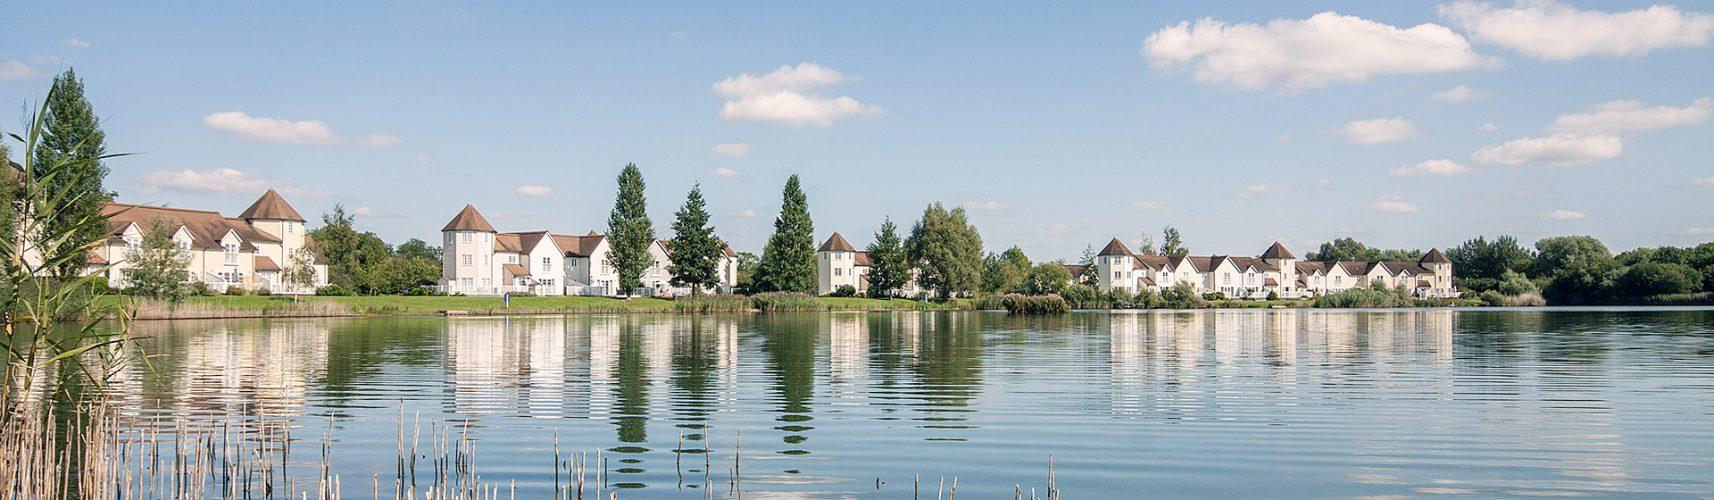 Strange Cotswolds Lakeside Holiday Homes On Isis Windrush Lakes Beutiful Home Inspiration Truamahrainfo